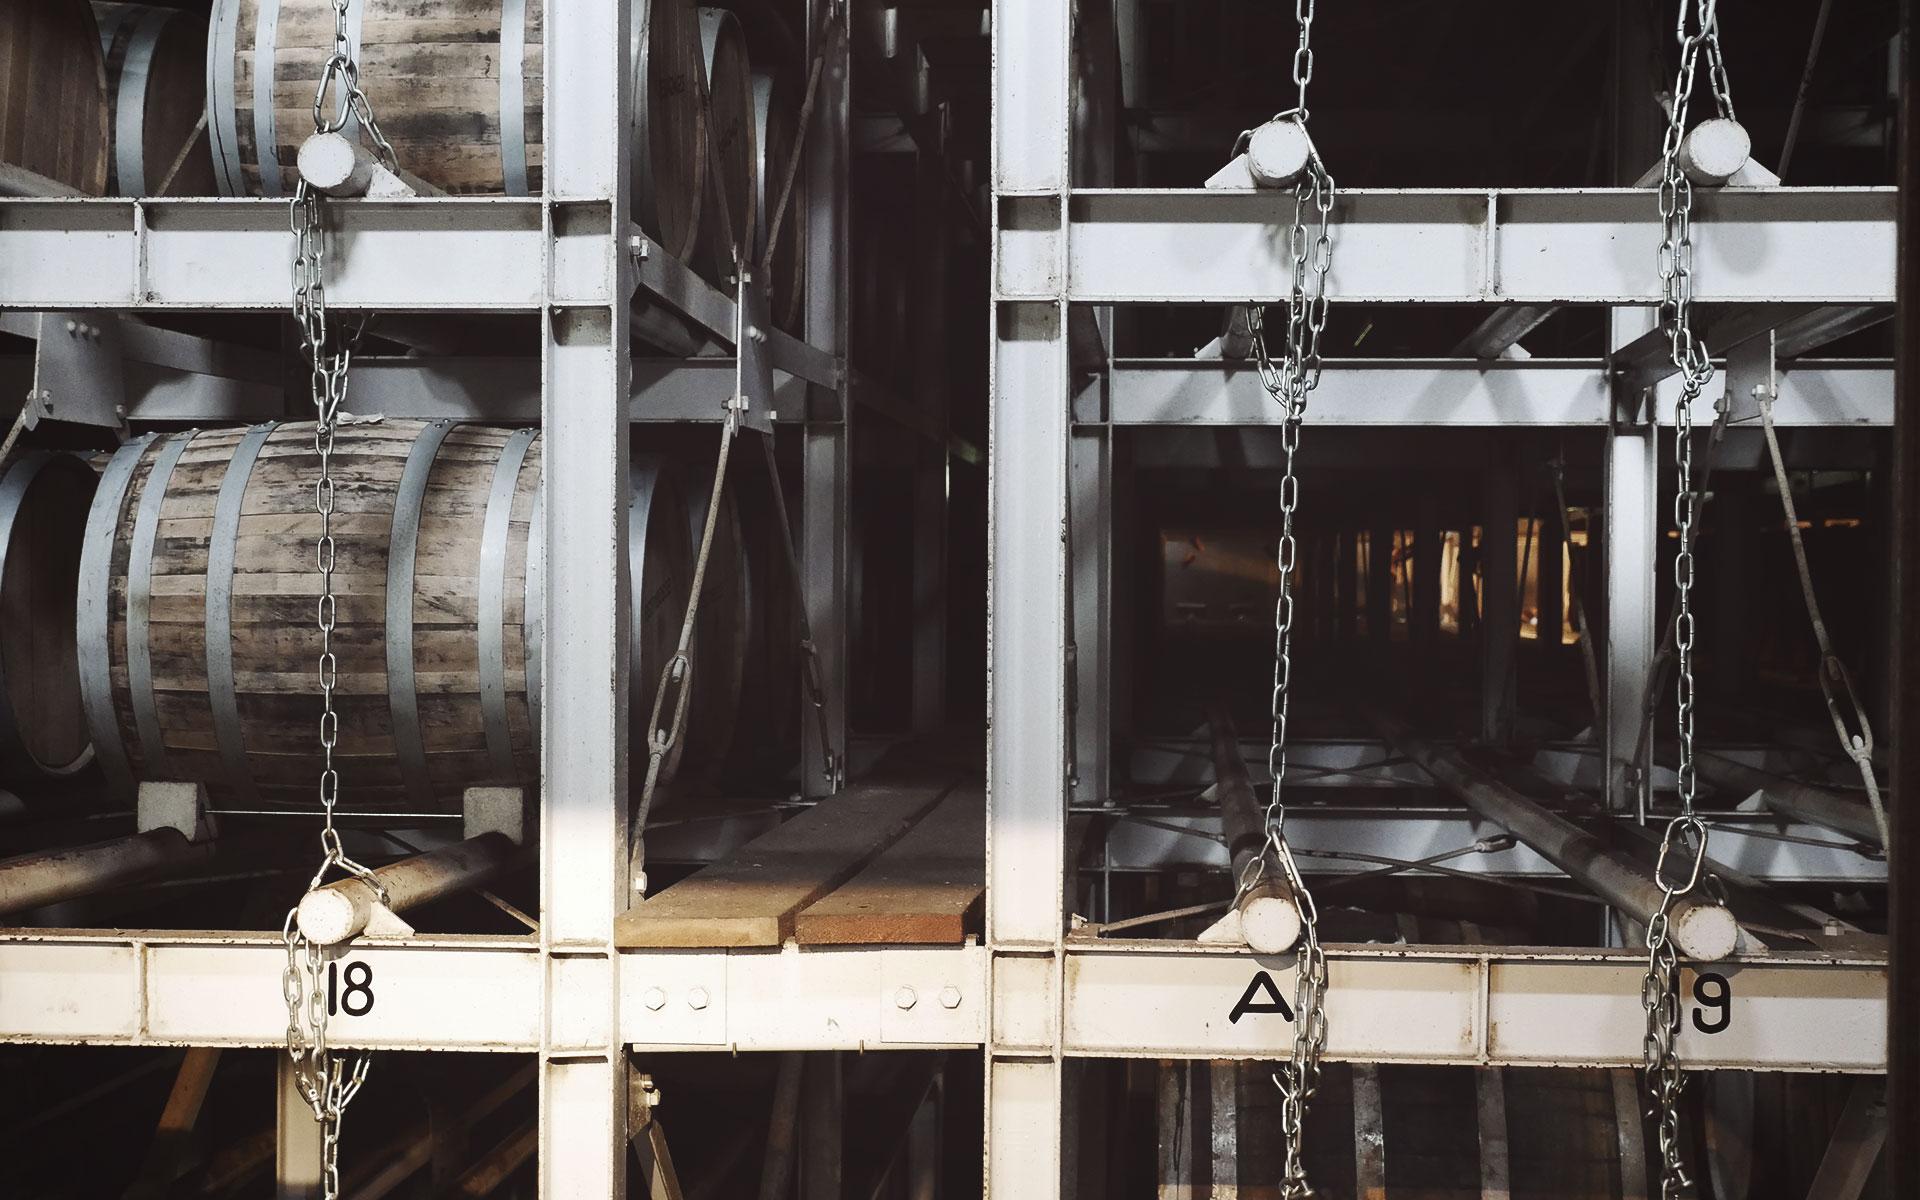 Den japanischen Brennereien gehen die alten Whiskys aus: Hier das Warehouse von Hakushu in den japanischen Alpen (Foto: Malt Whisky)